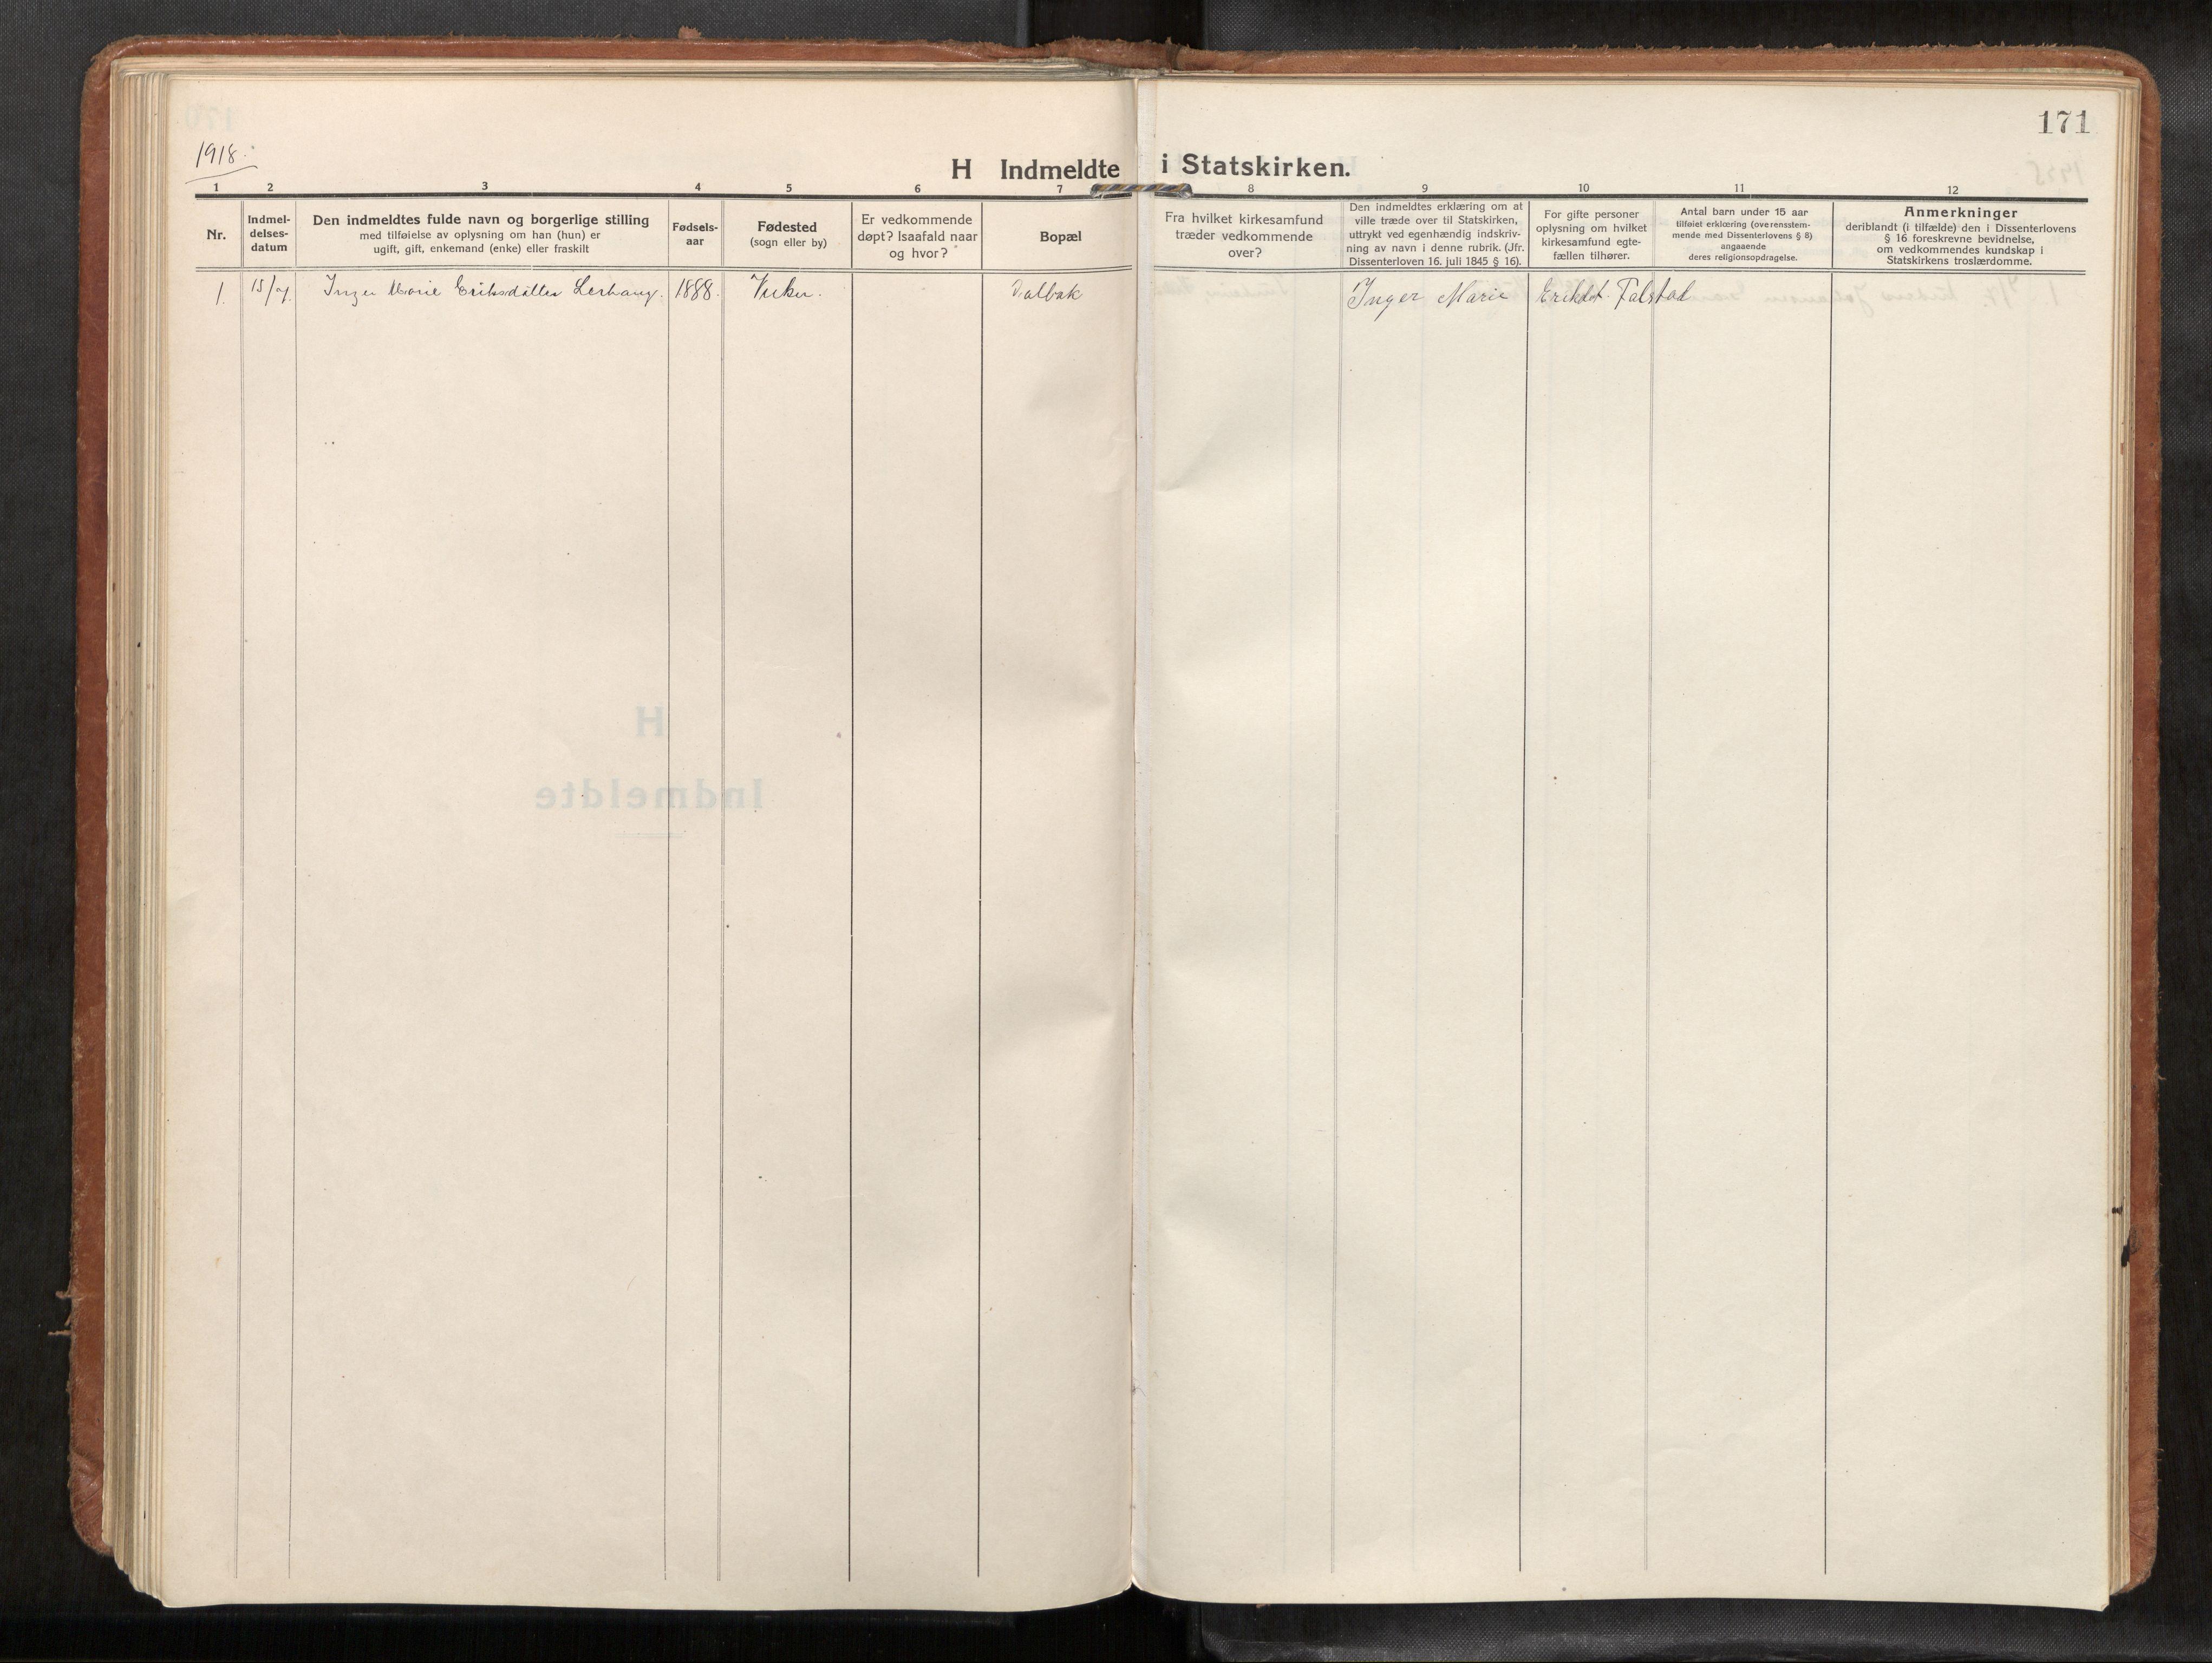 SAT, Verdal sokneprestkontor*, Parish register (official) no. 1, 1916-1928, p. 171